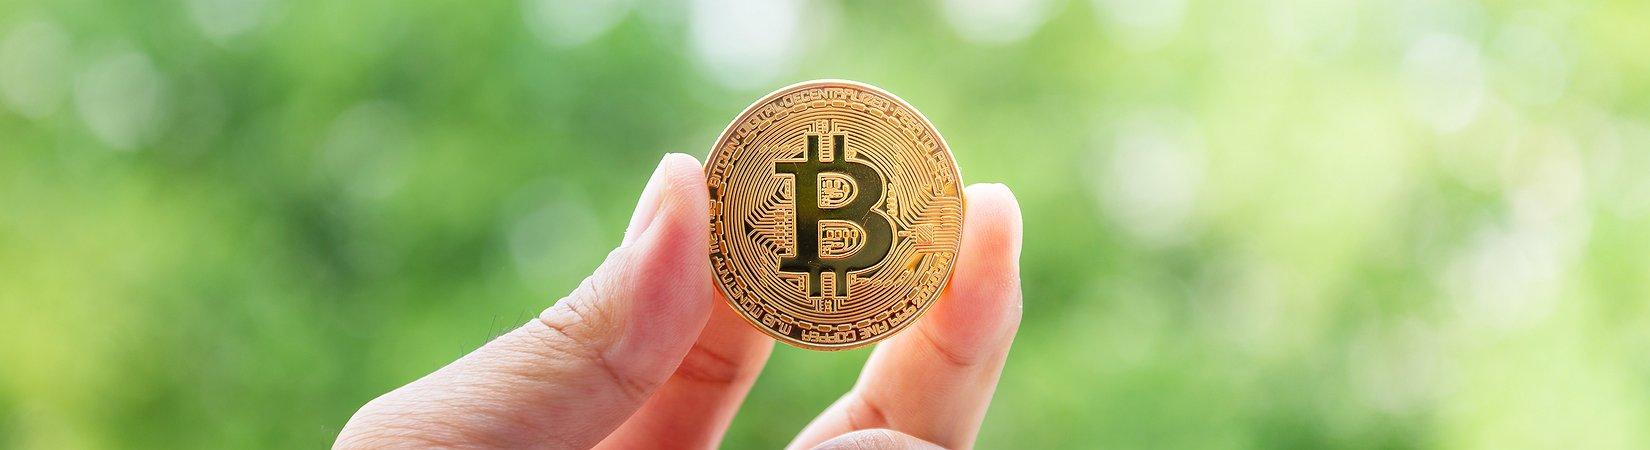 Este Bitcoin Loophole de încredere? | 🥇 Asigurați-vă că citiți înainte de a investi